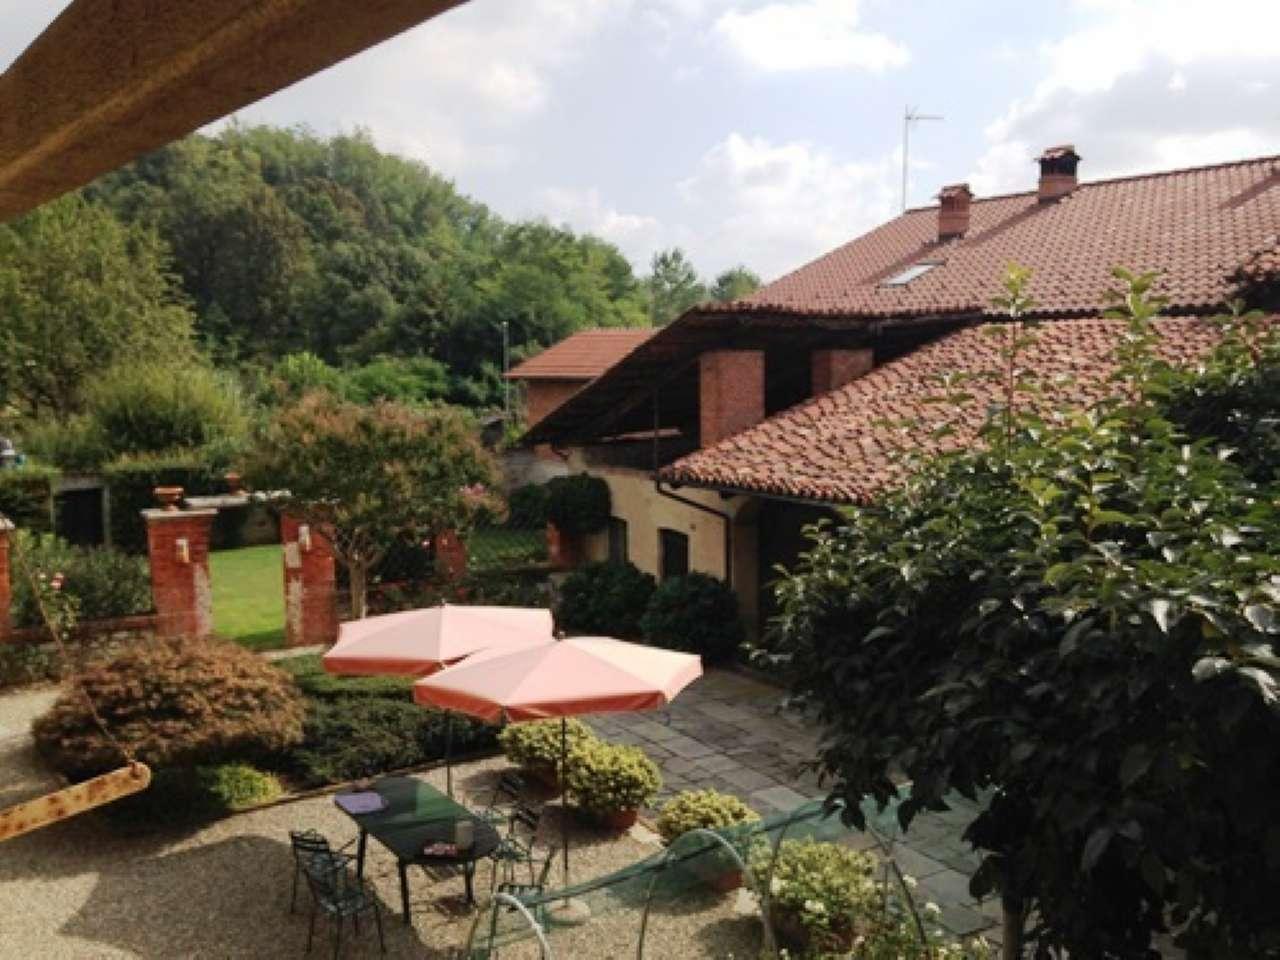 Soluzione Indipendente in vendita a Levone, 10 locali, prezzo € 240.000 | PortaleAgenzieImmobiliari.it